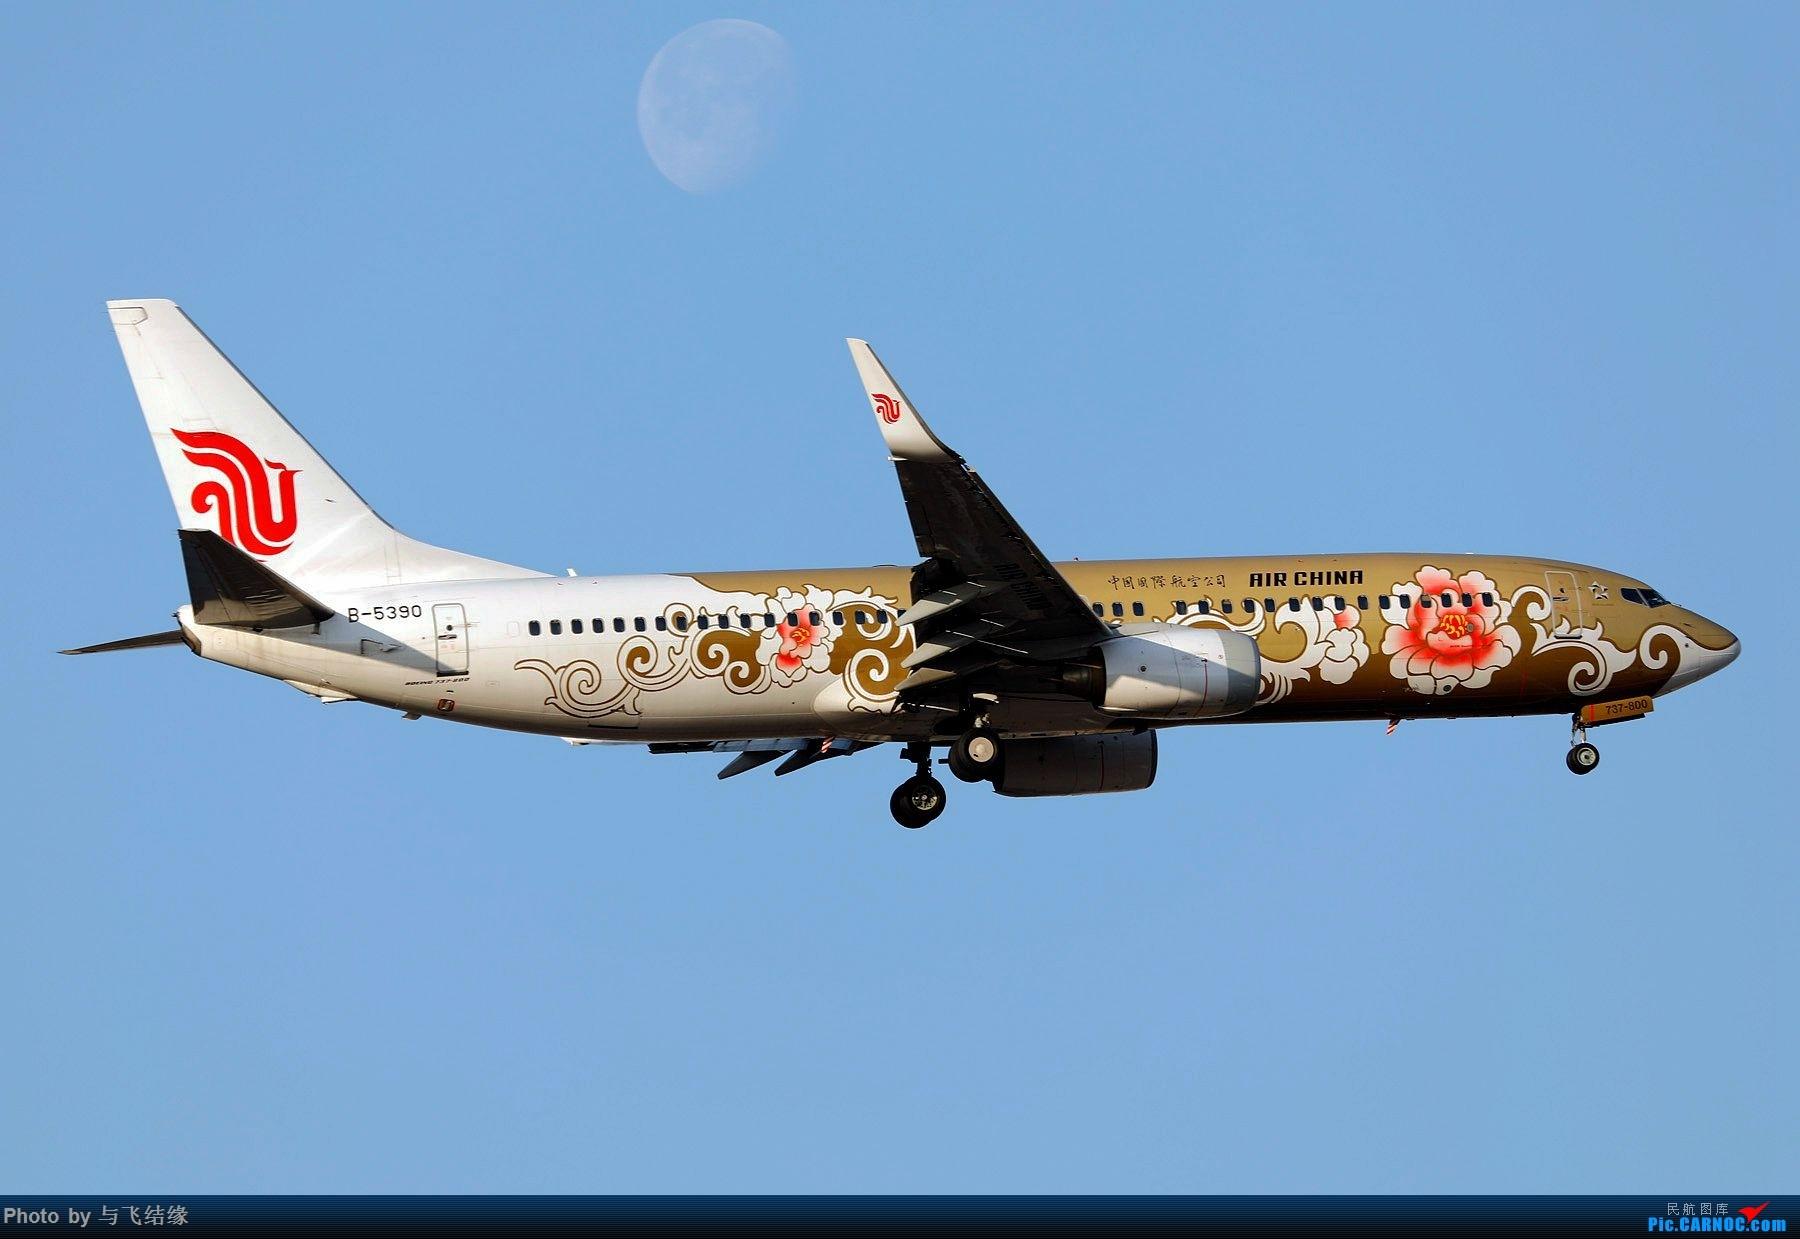 Re:[原创]今日是周末,月末,年末2018年最后一贴,预祝朋友们2019年新年快乐!万事如意! BOEING 737-800 B-5390 中国北京首都国际机场